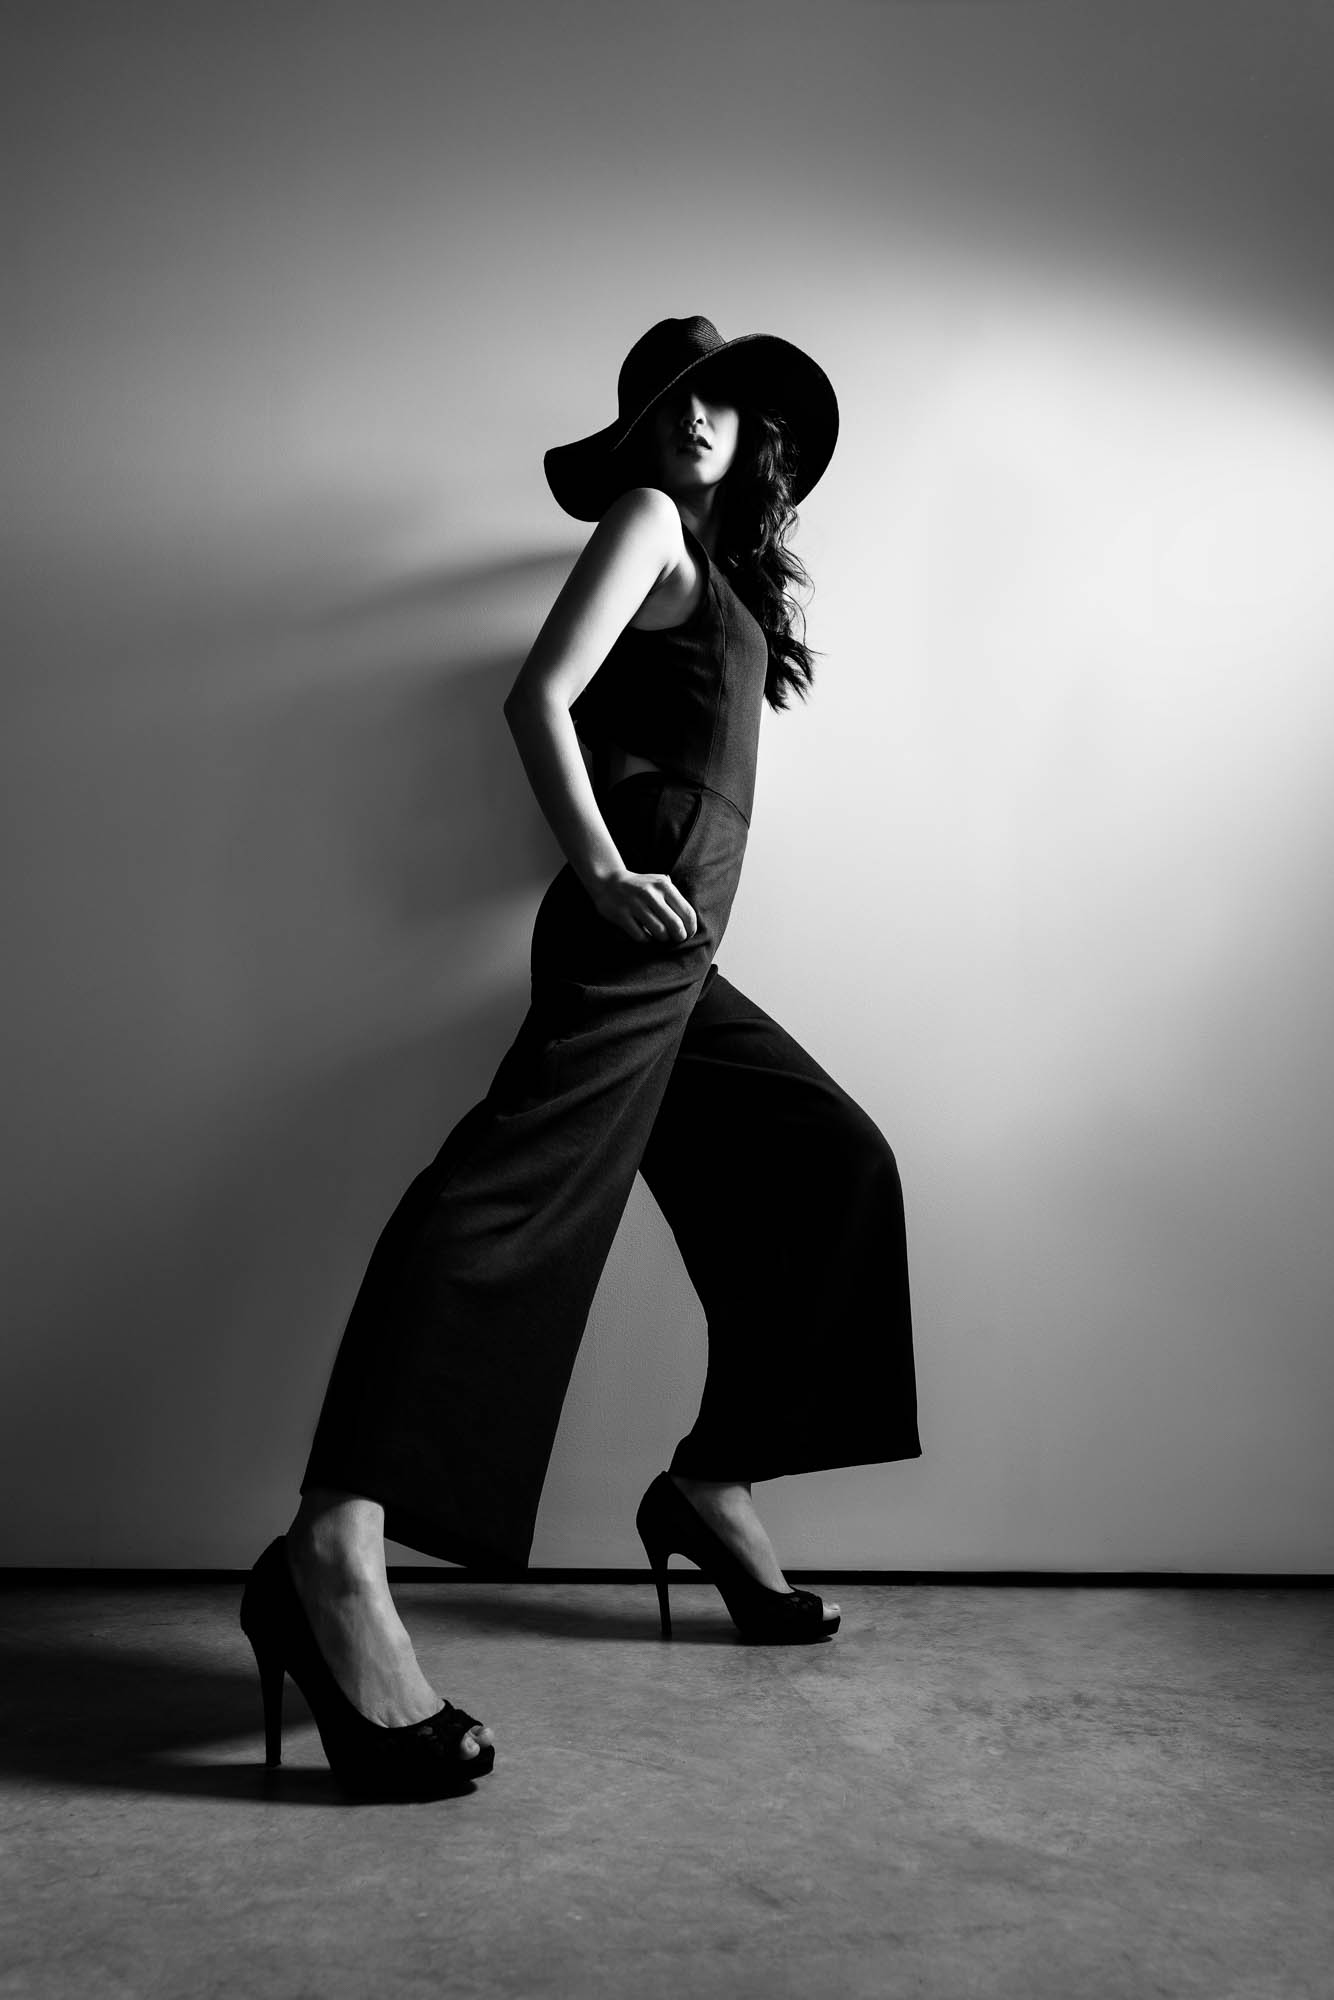 Lex & Josh Fashion B&W Shadows Portrait Shoot-2.jpg